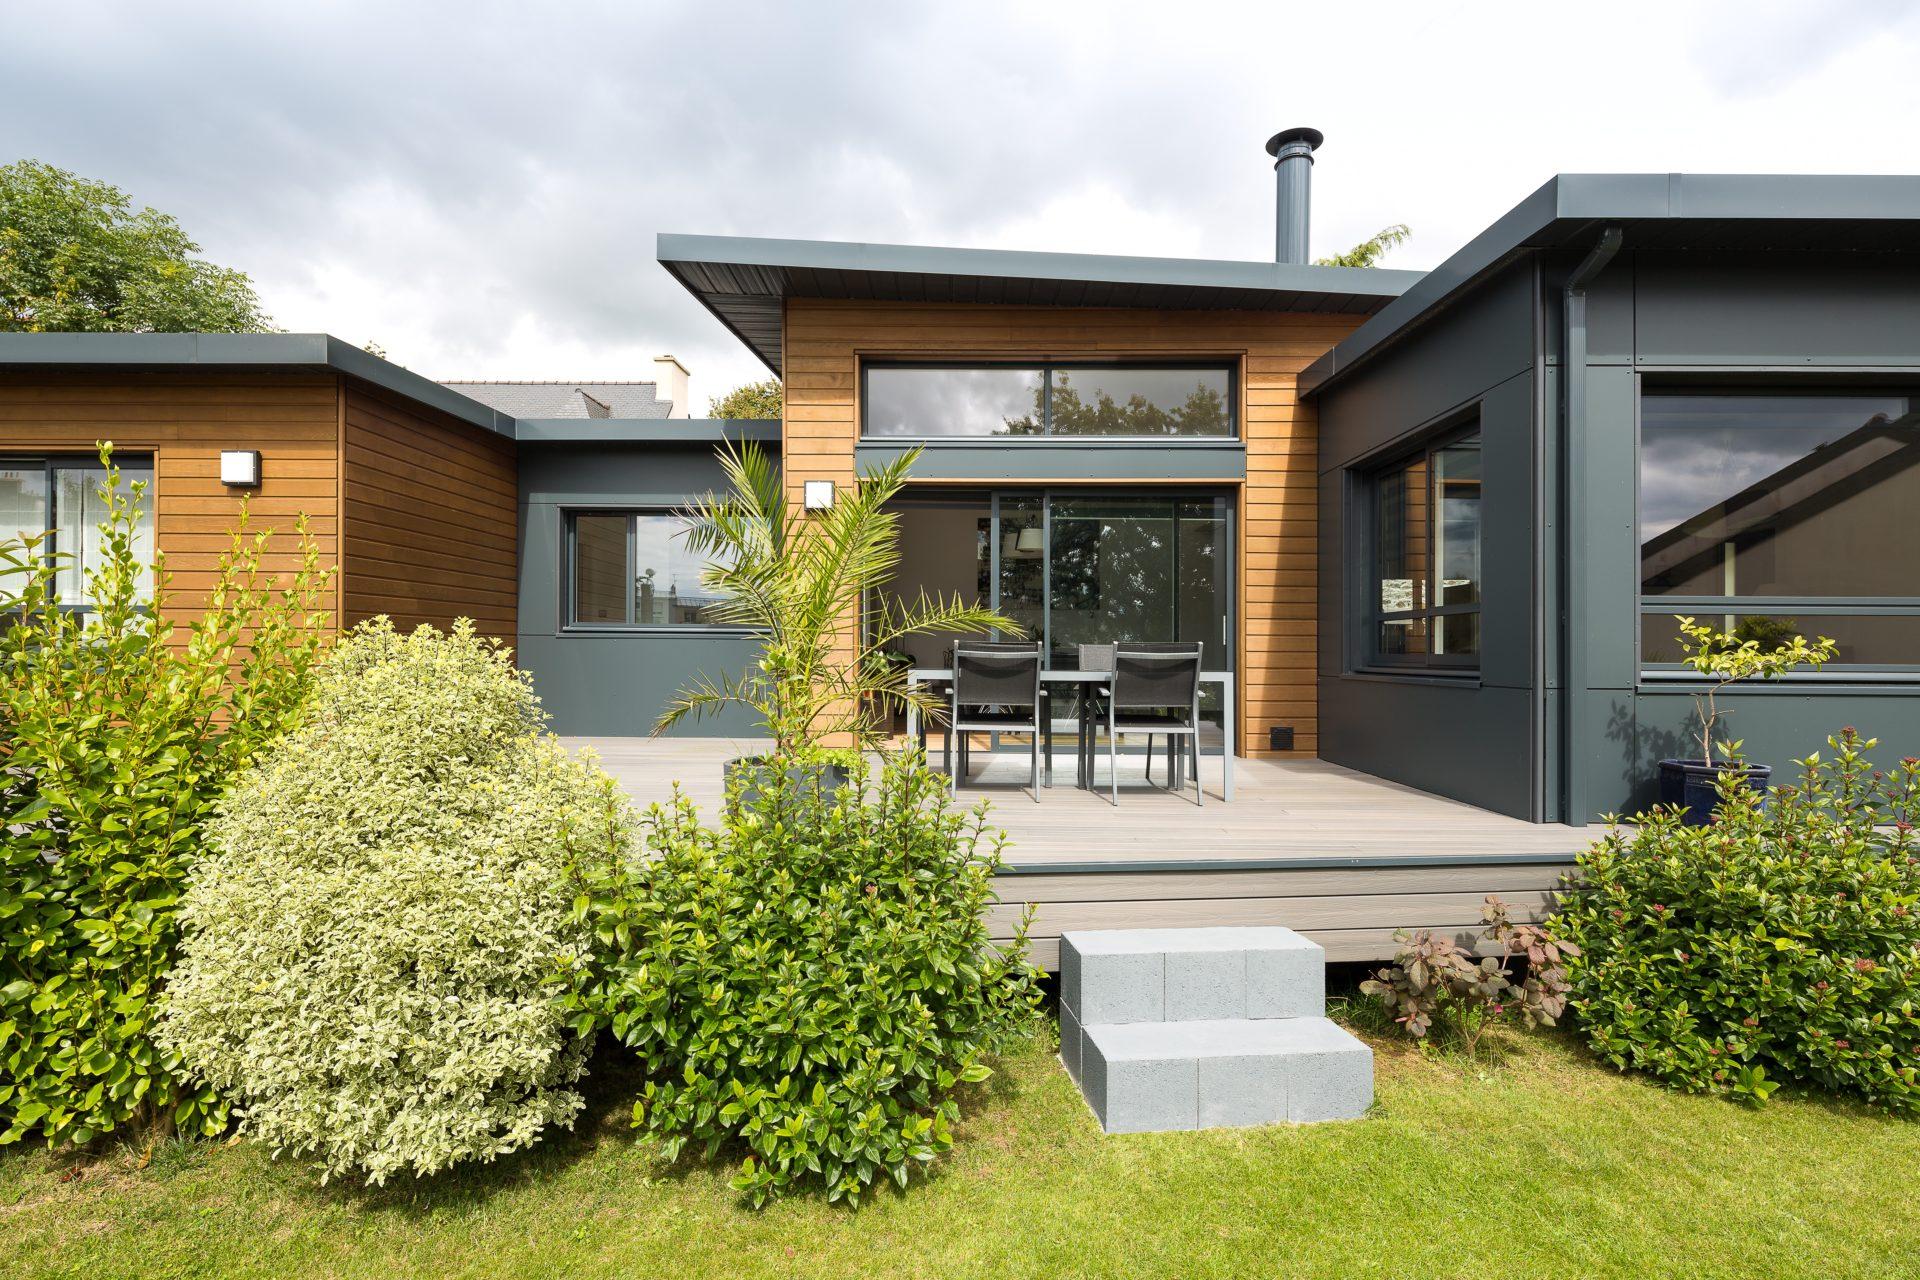 Les avantages de la maison écologique